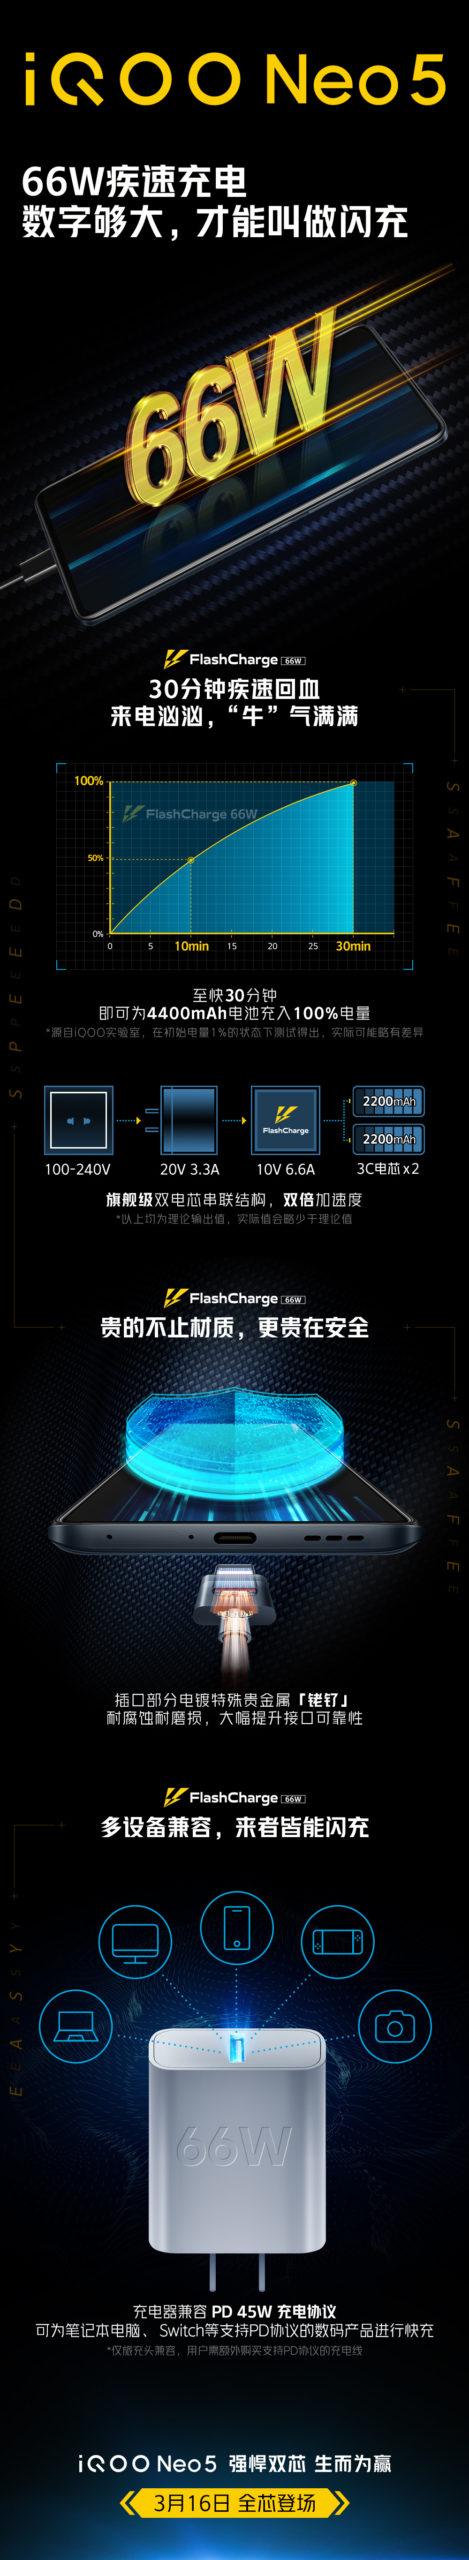 iQOO Neo5 battery